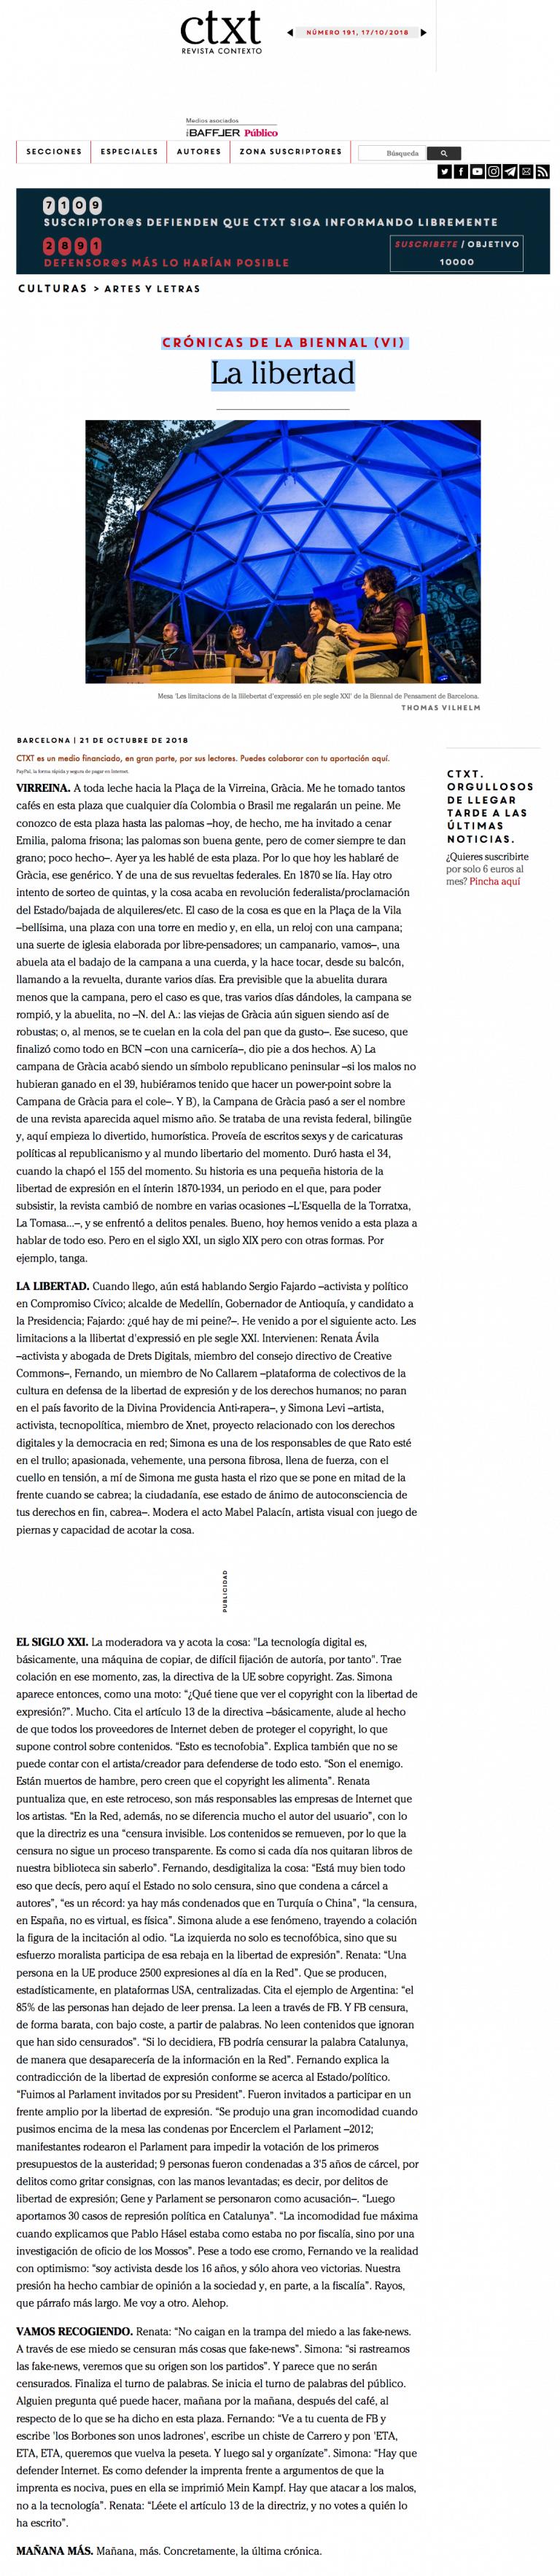 Cita Previa Cap Girona